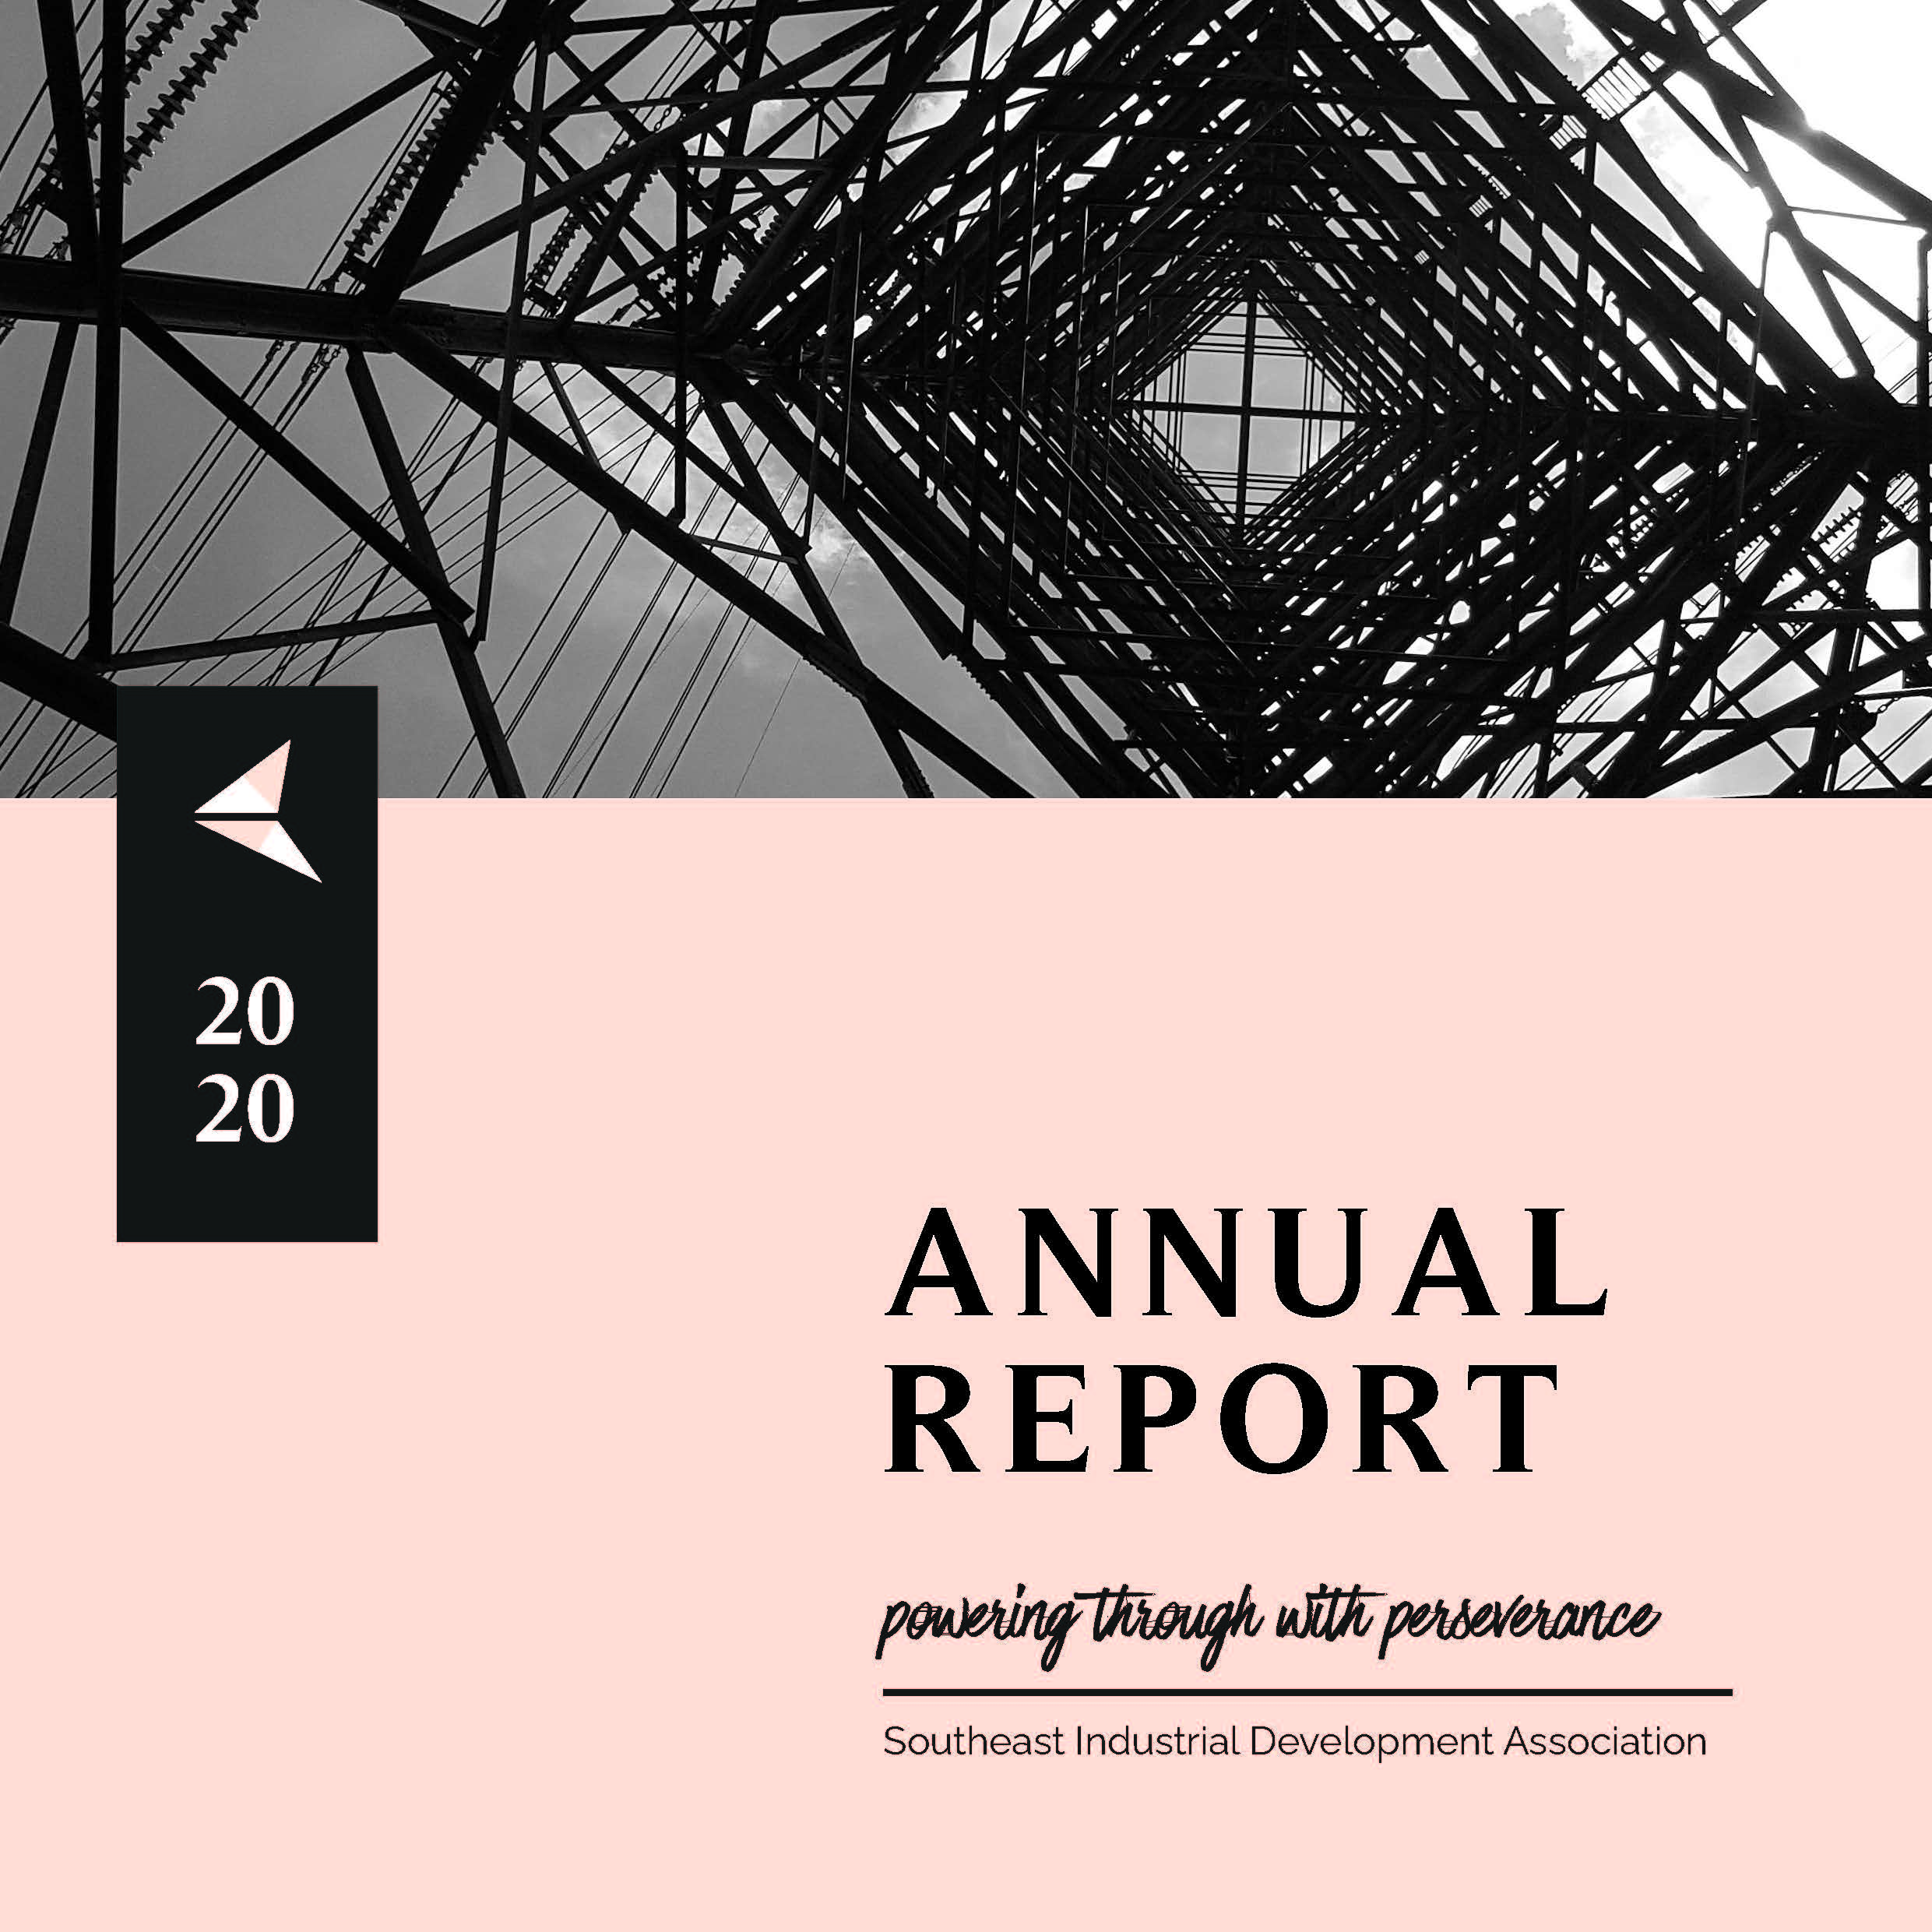 SEIDA annual report 2020_Page_01